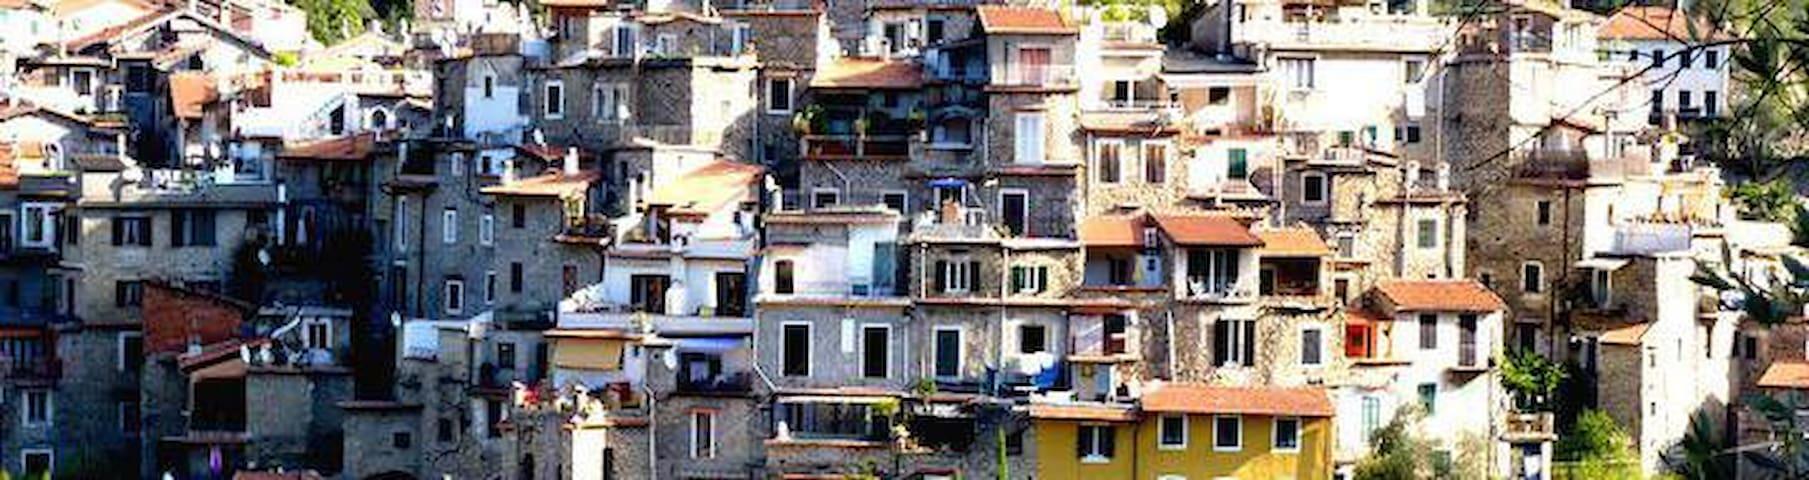 Appartamento Airole, Liguria - Airole - Lägenhet